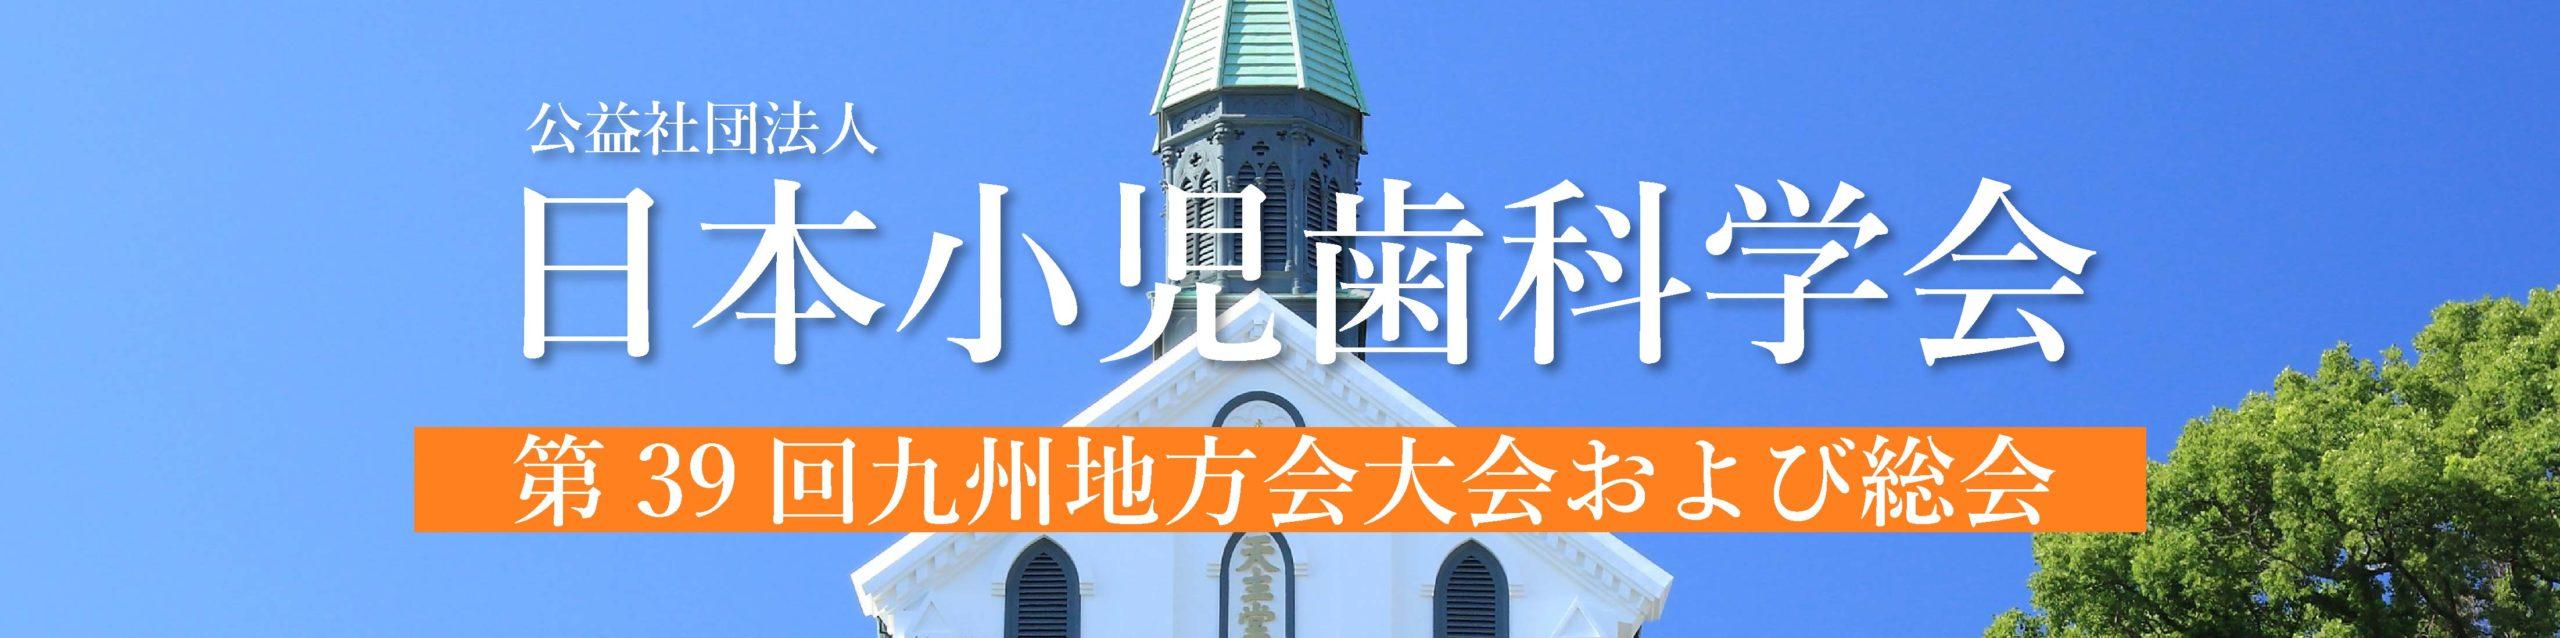 日本小児歯科学会第39回九州地方会大会および総会